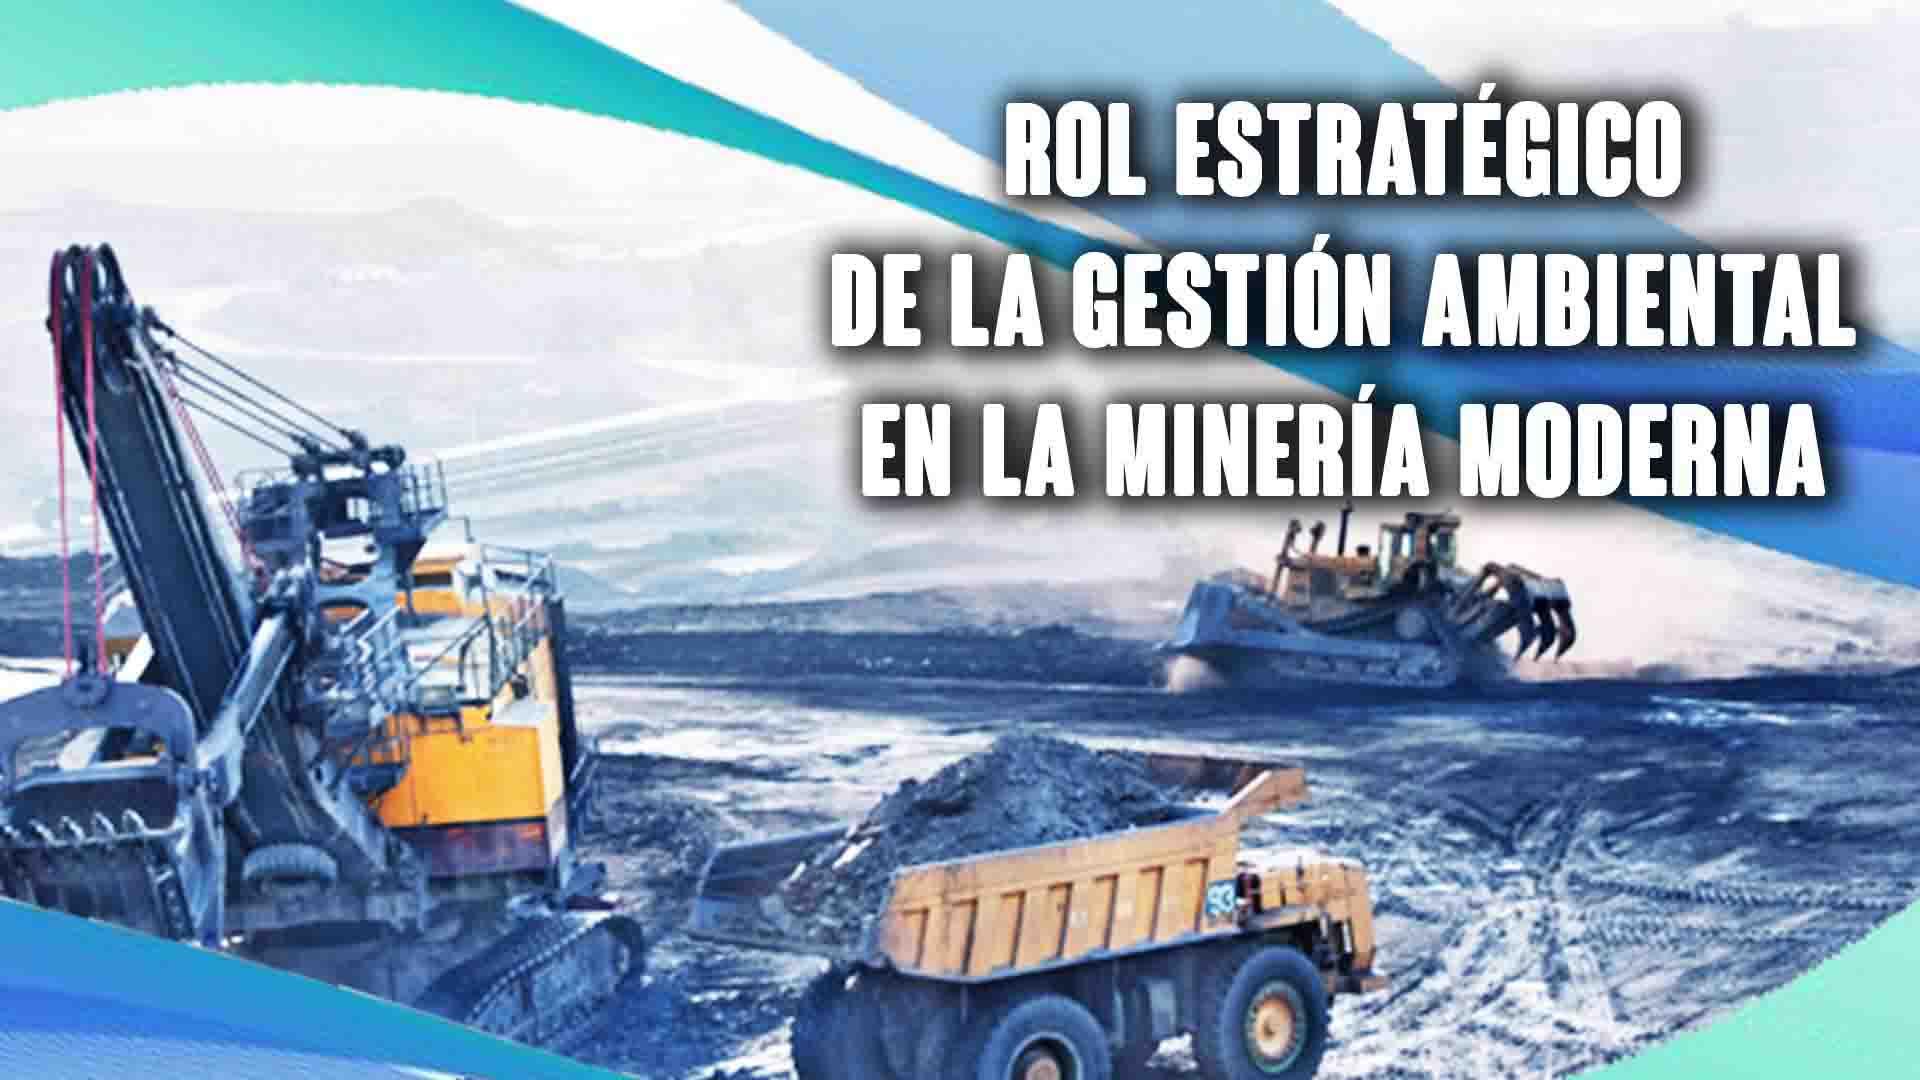 Rol estratégico de la gestión ambiental en la minería moderna